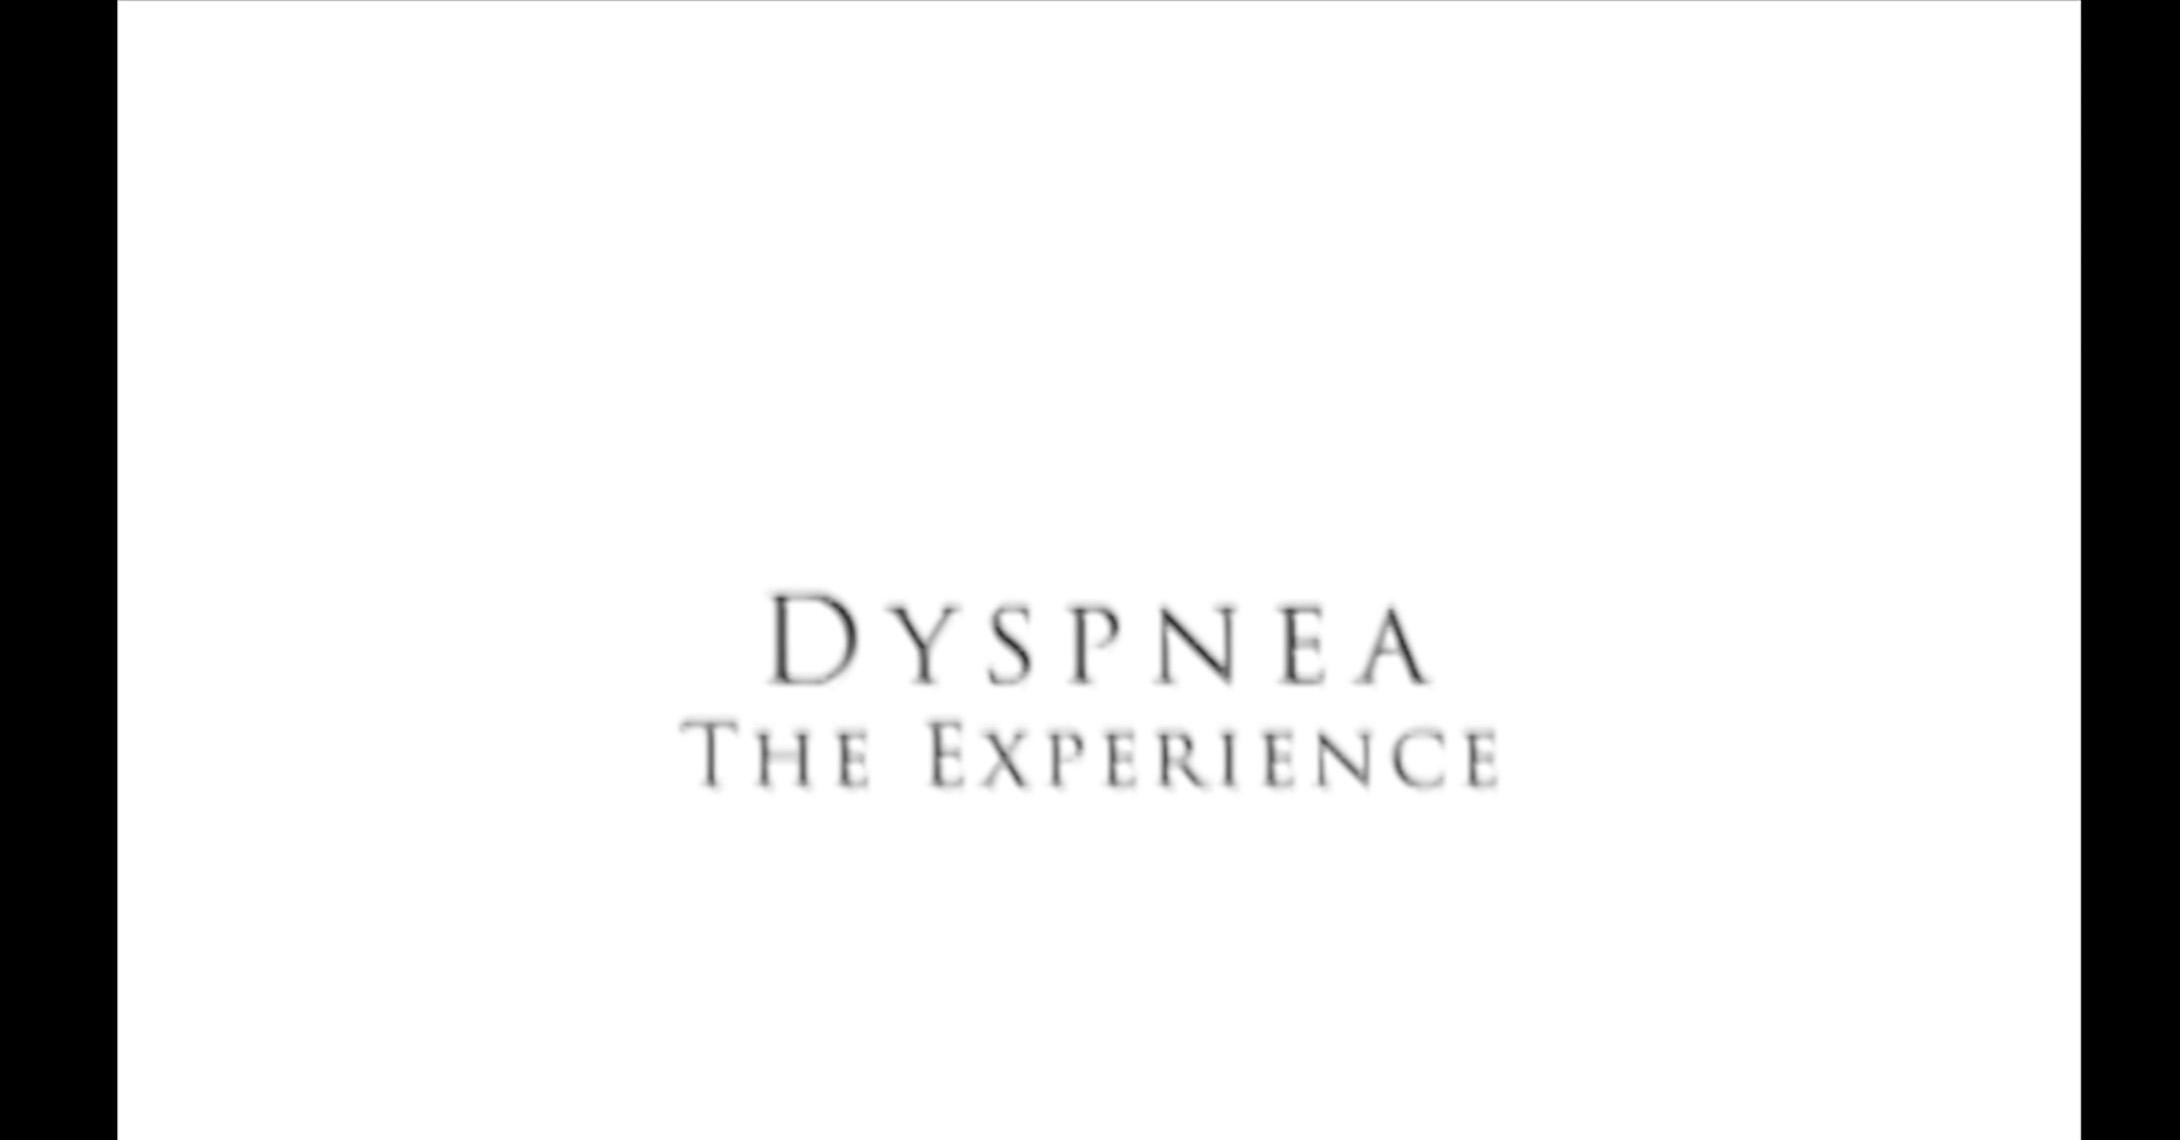 Video: Dyspnea - The Experience